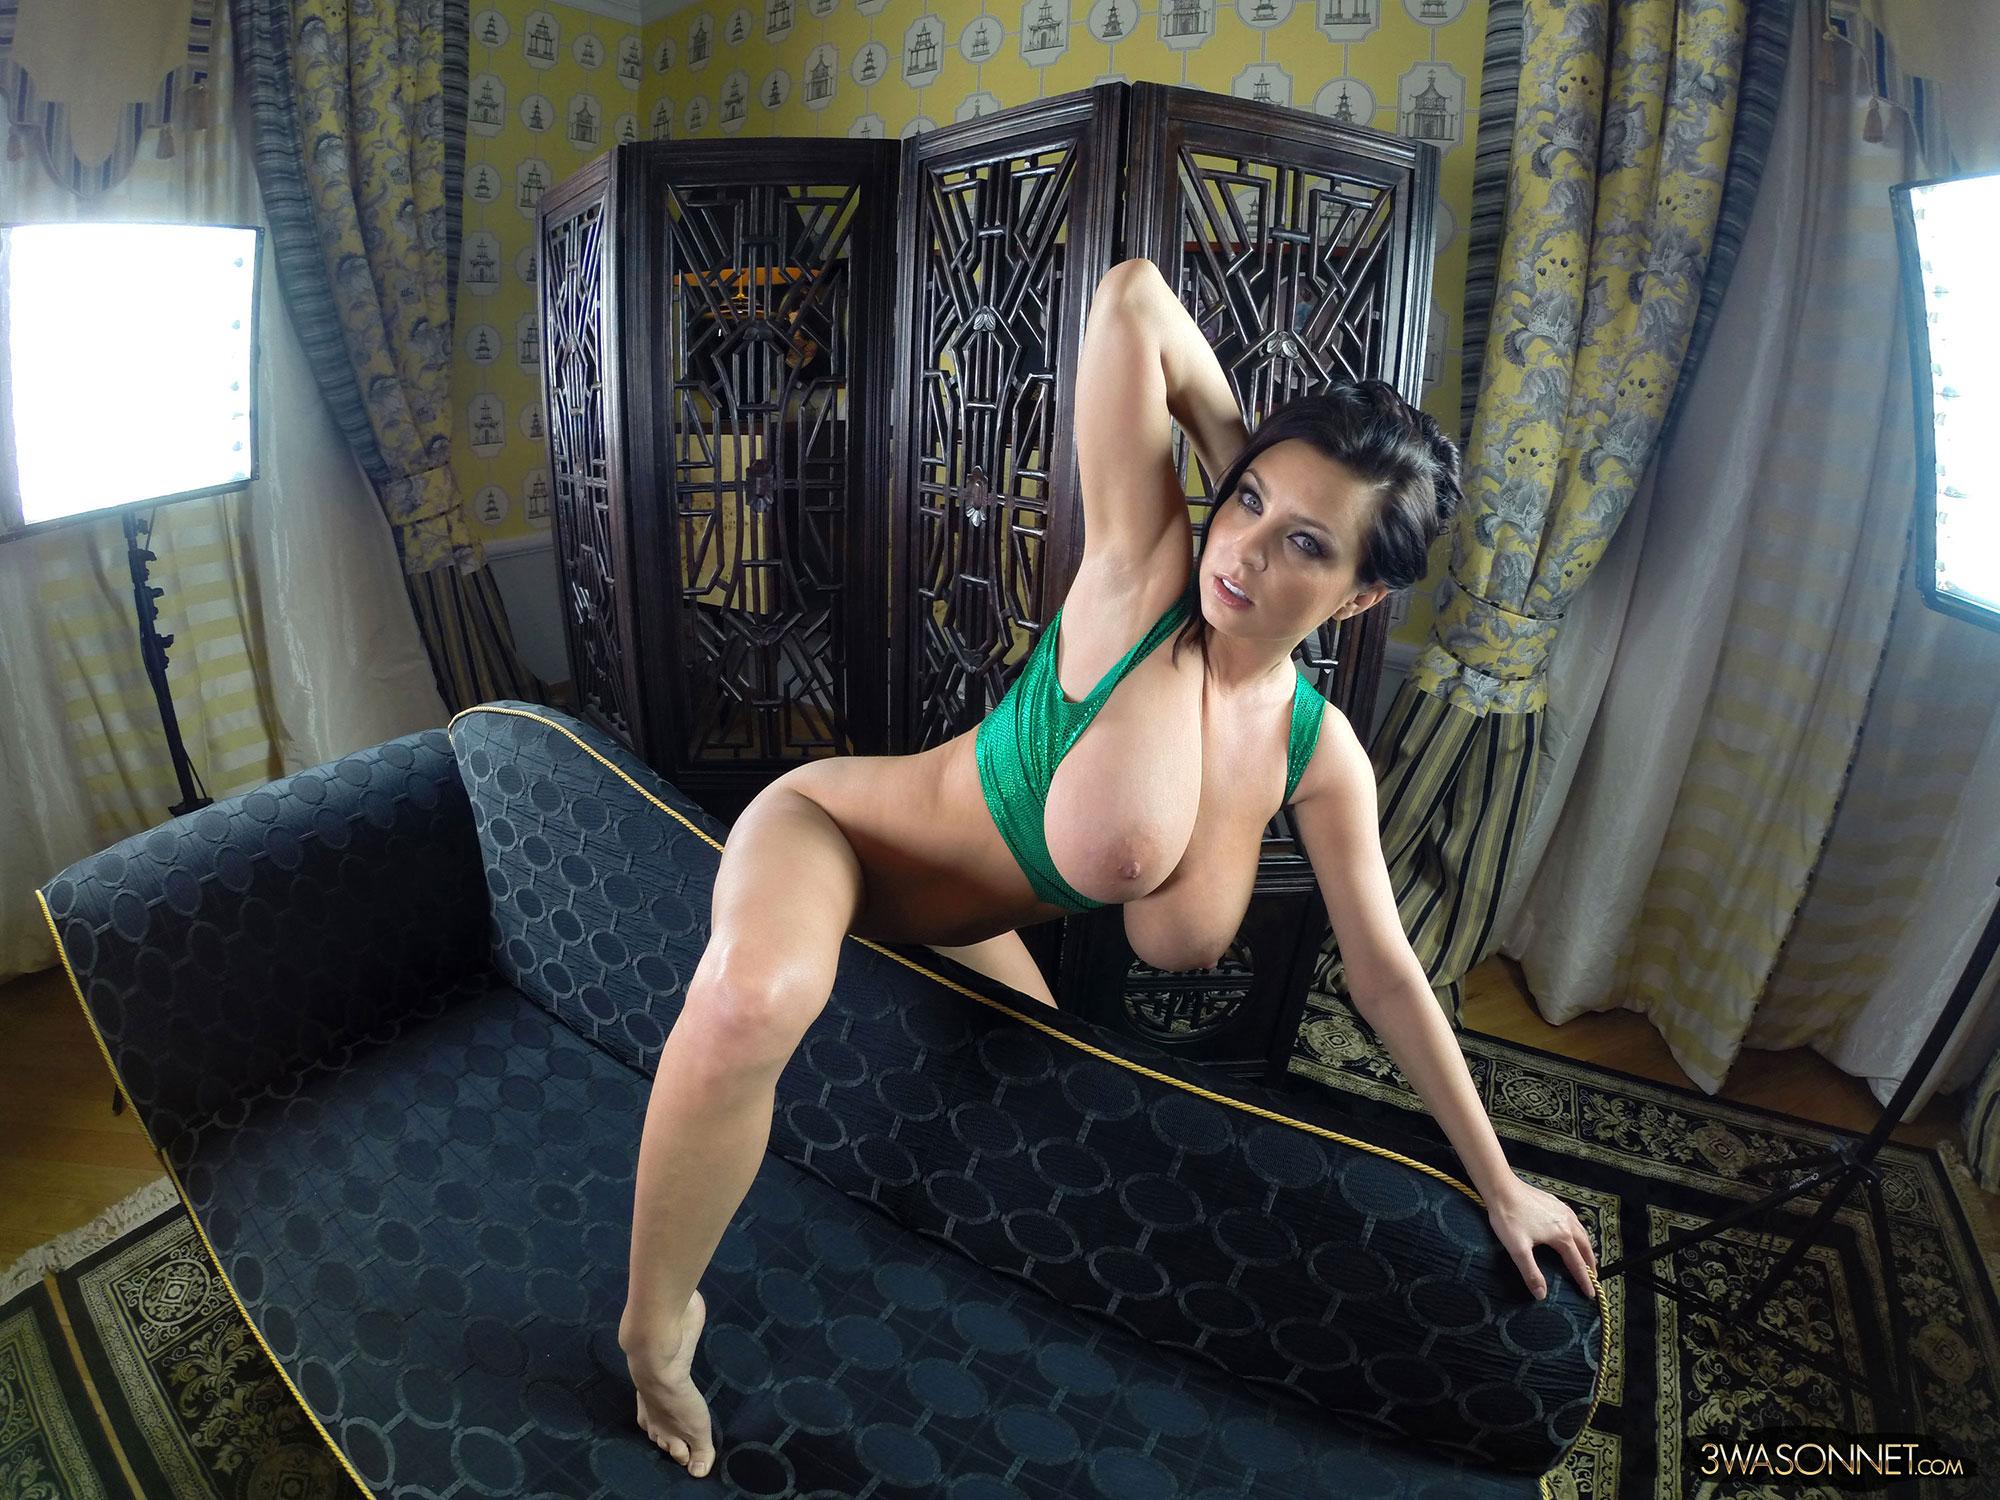 Ewa Sonnet exclusive green